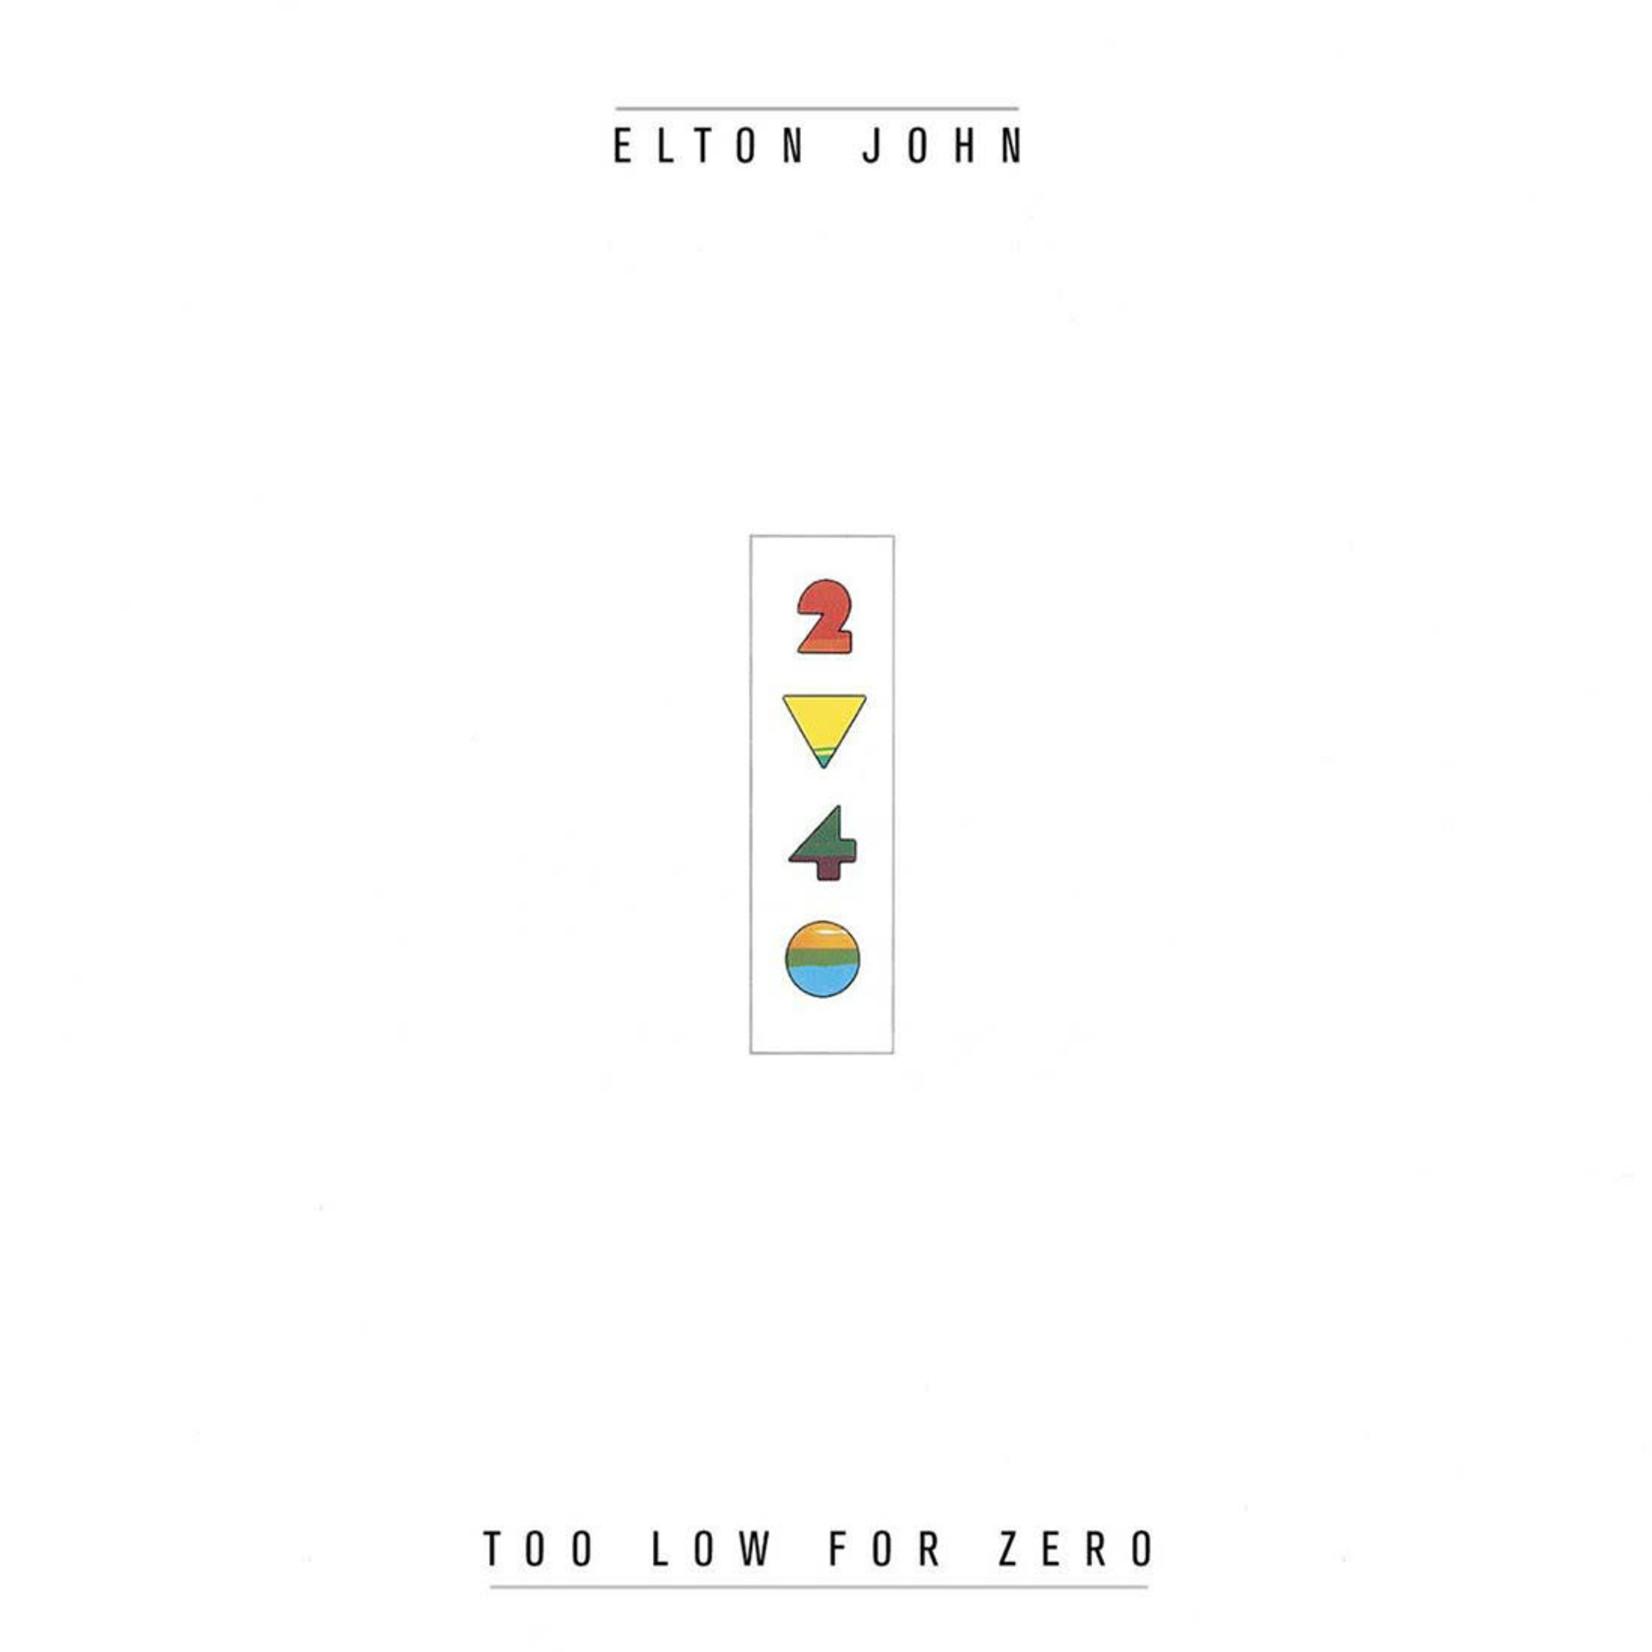 [Vintage] John, Elton: Too Low for Zero